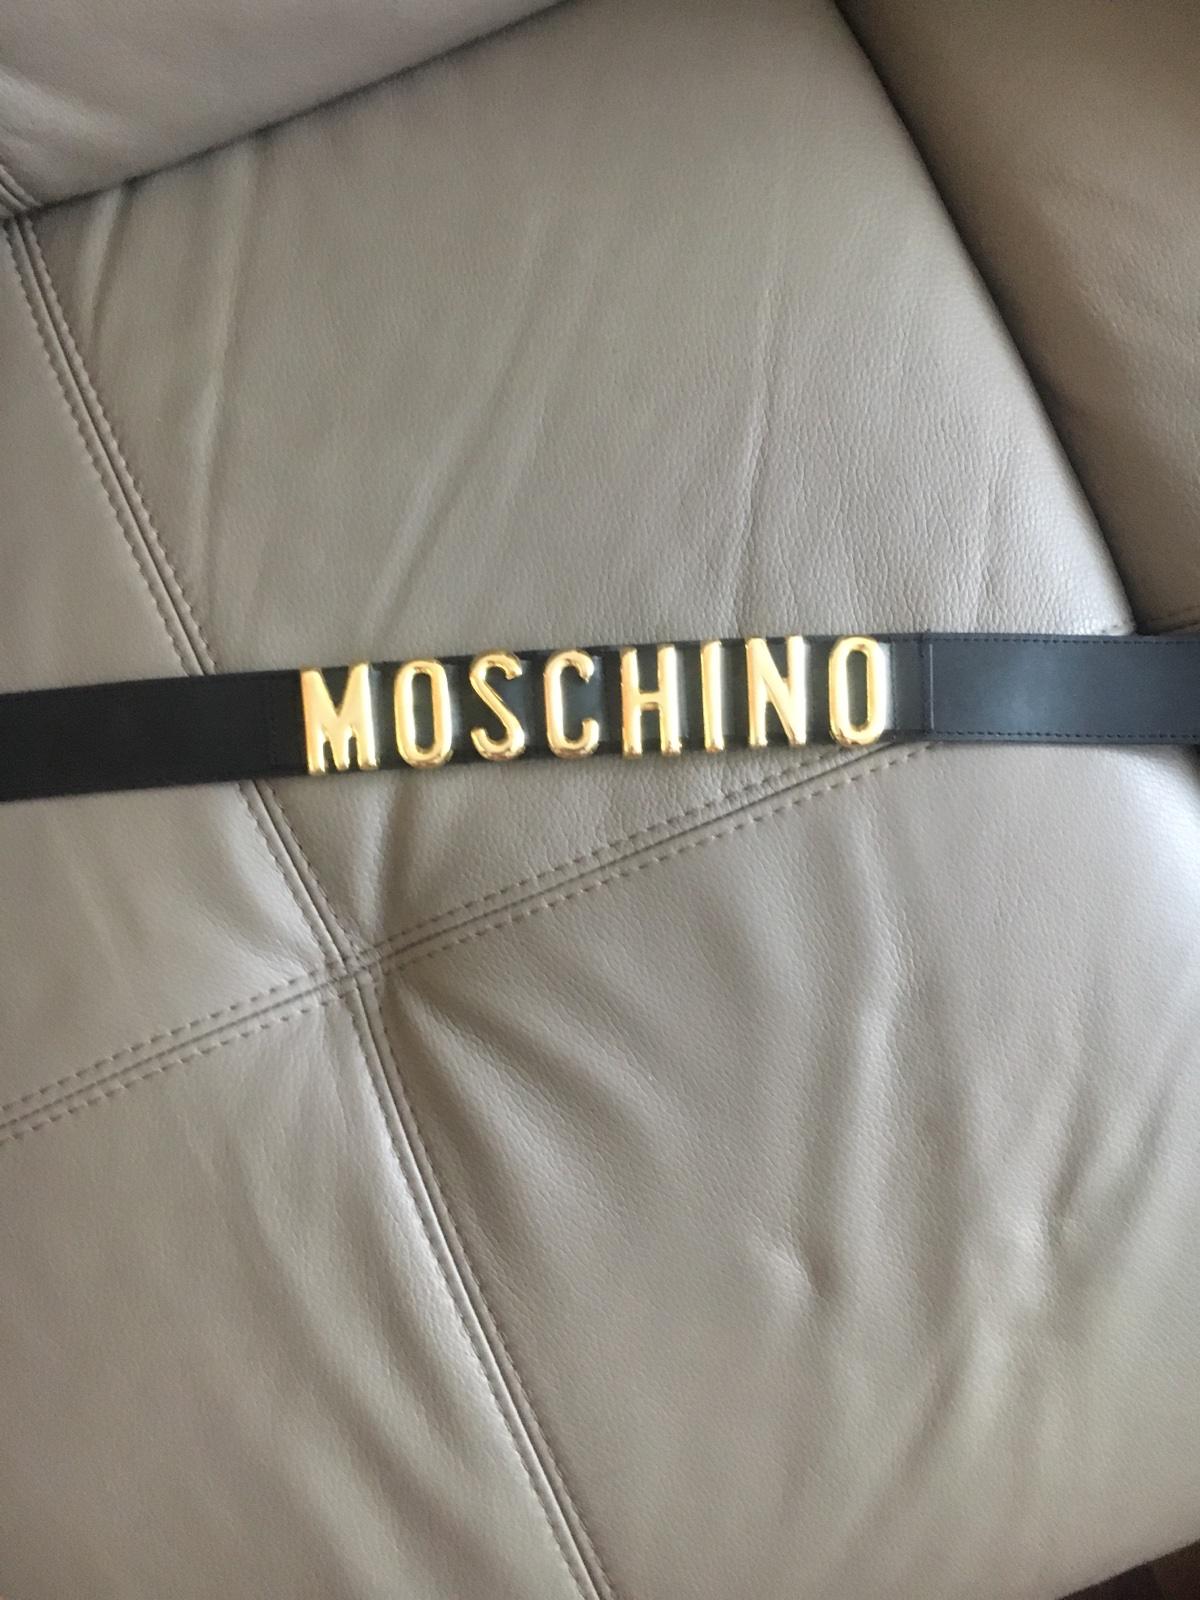 2046a6e97 Moschino opasok, - 15 € od predávajúcej liviki | Detský bazár ...